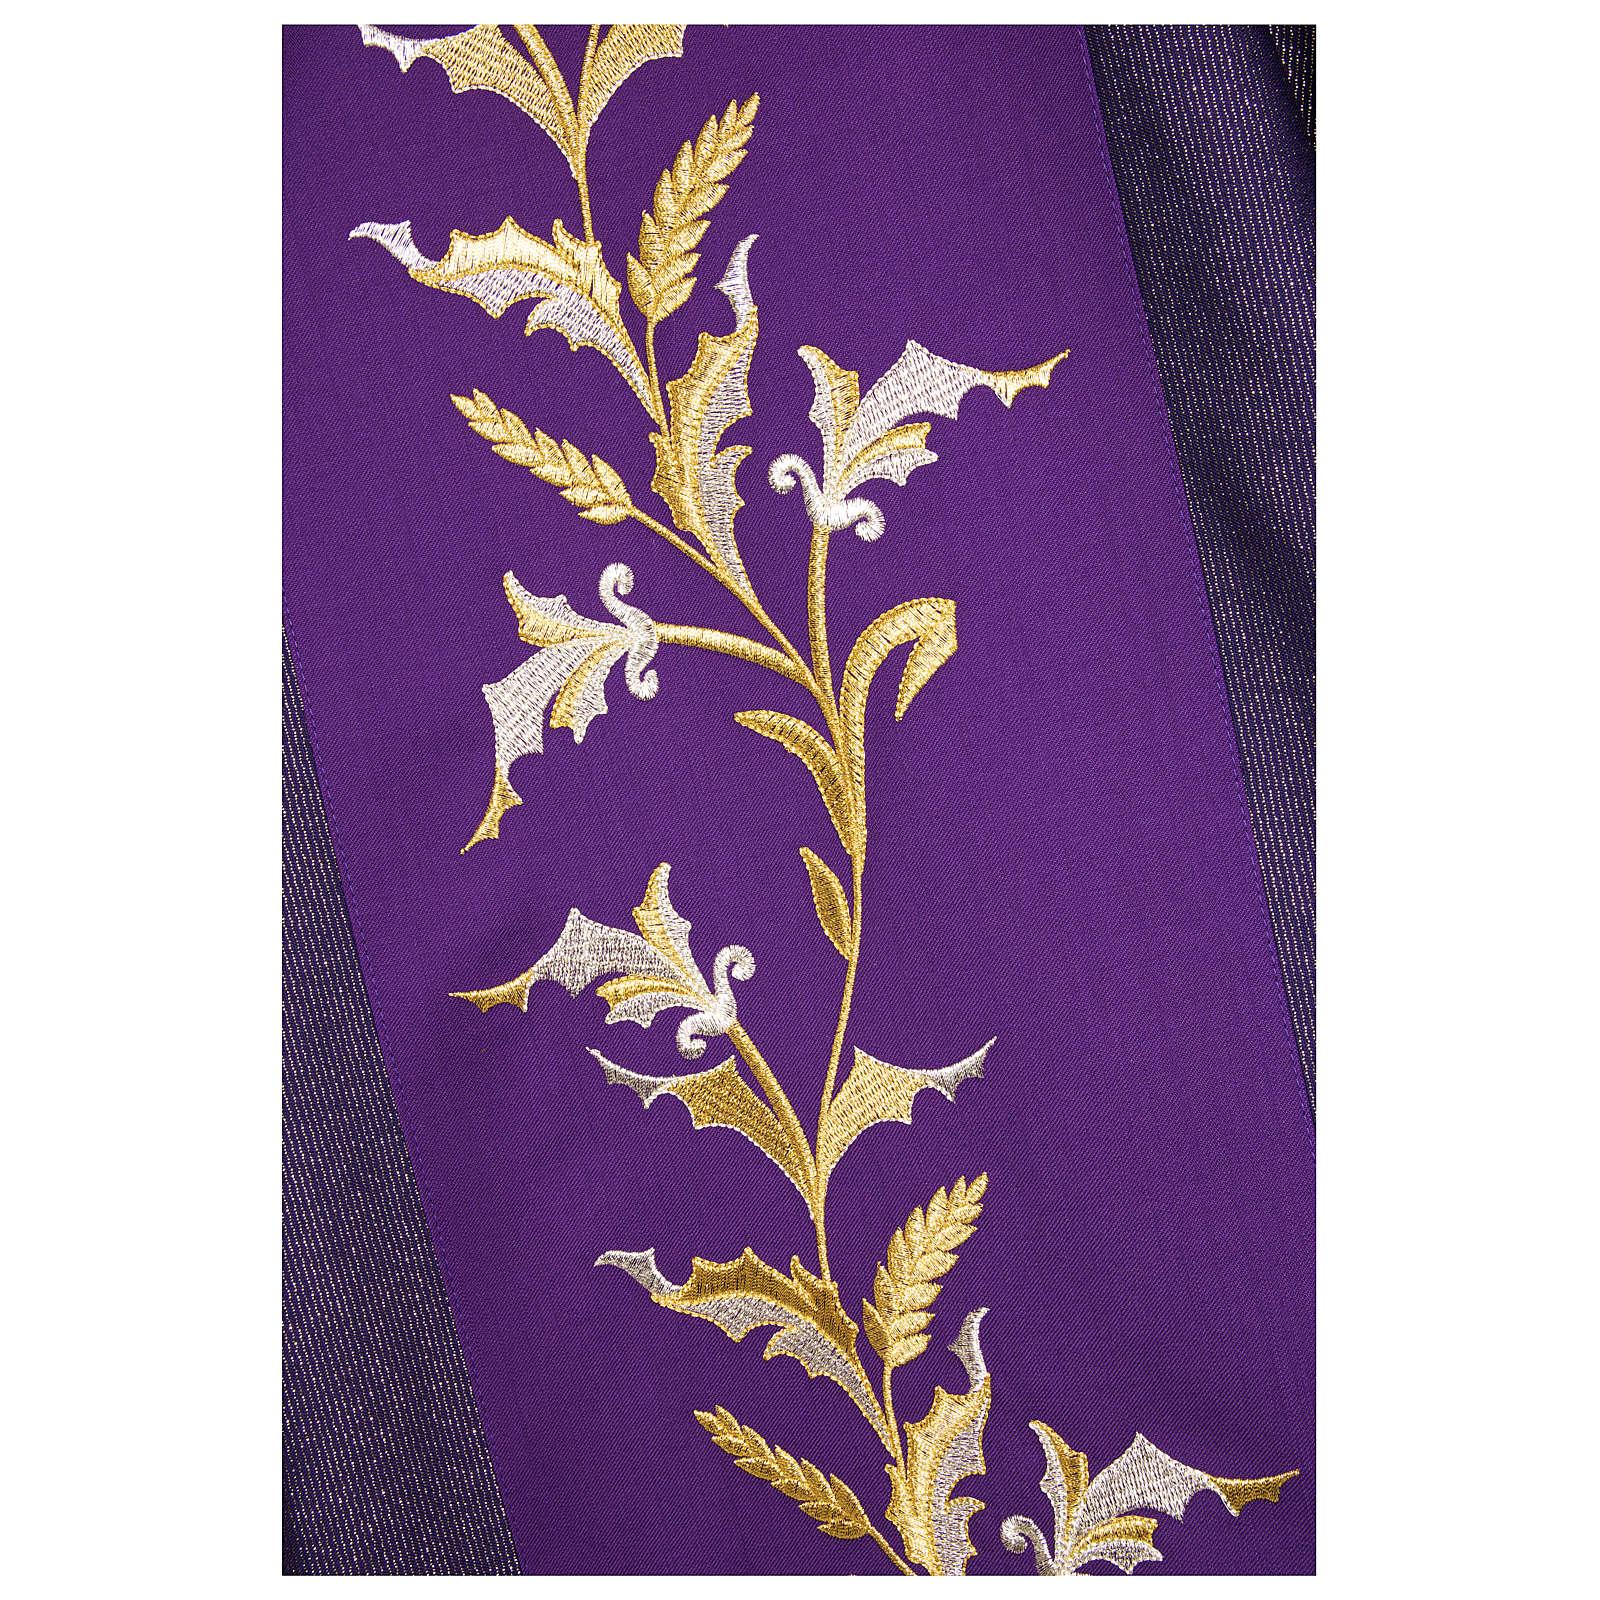 Dalmatica 93% lana 4% pol 3 % viscosa ricamo spighe fascione lavorazioni oro 4